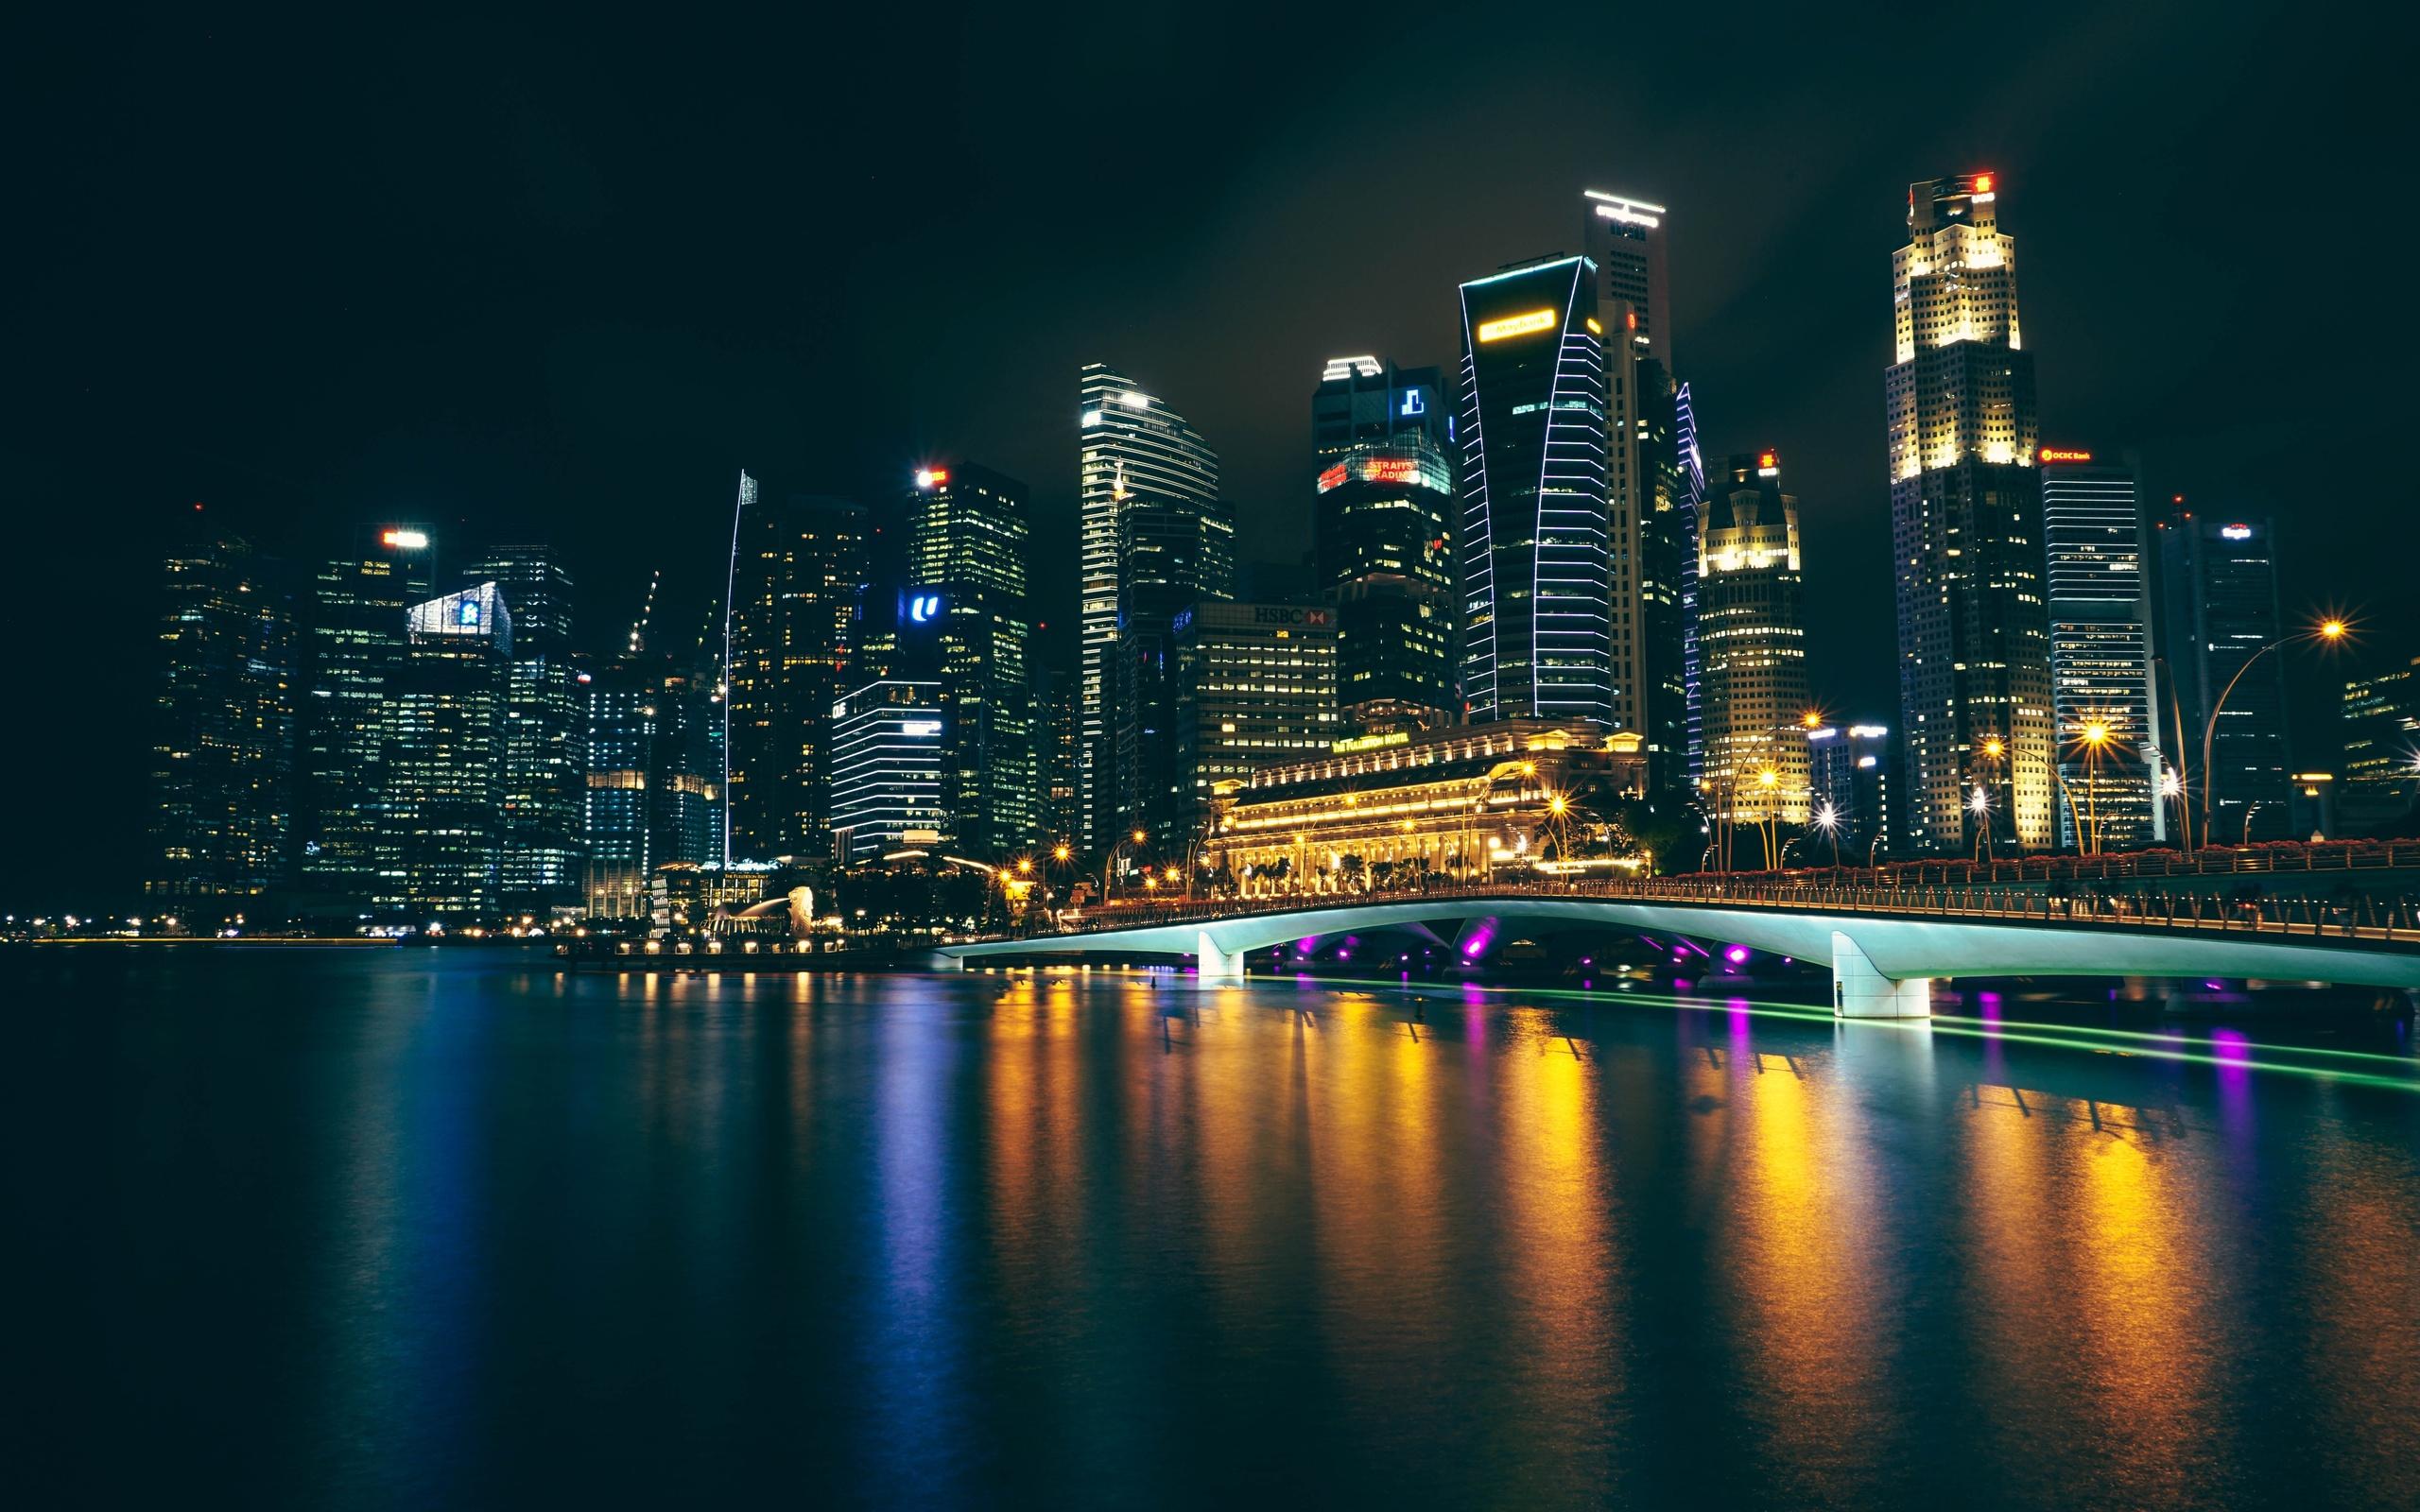 города огни картинки может выбрать